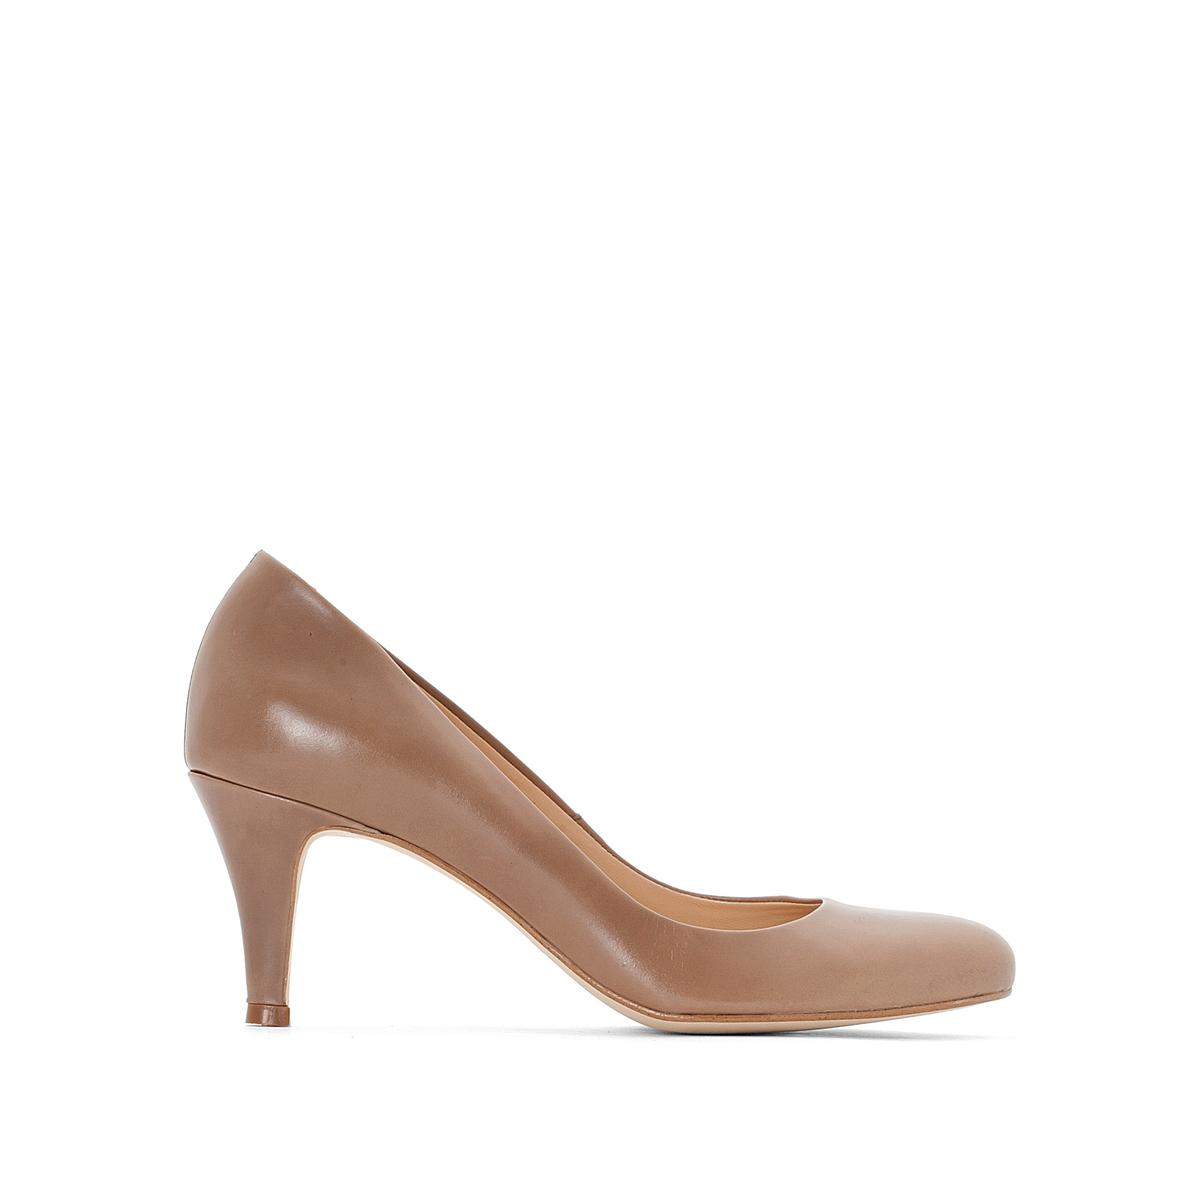 Туфли кожаные 10705Верх : Кожа   Подкладка : Кожа   Стелька : Кожа   Подошва : эластомер   Высота каблука : 5 см   Форма каблука : тонкий каблук   Мысок : закругленный   Застежка : без застежки<br><br>Цвет: серо-коричневый<br>Размер: 39